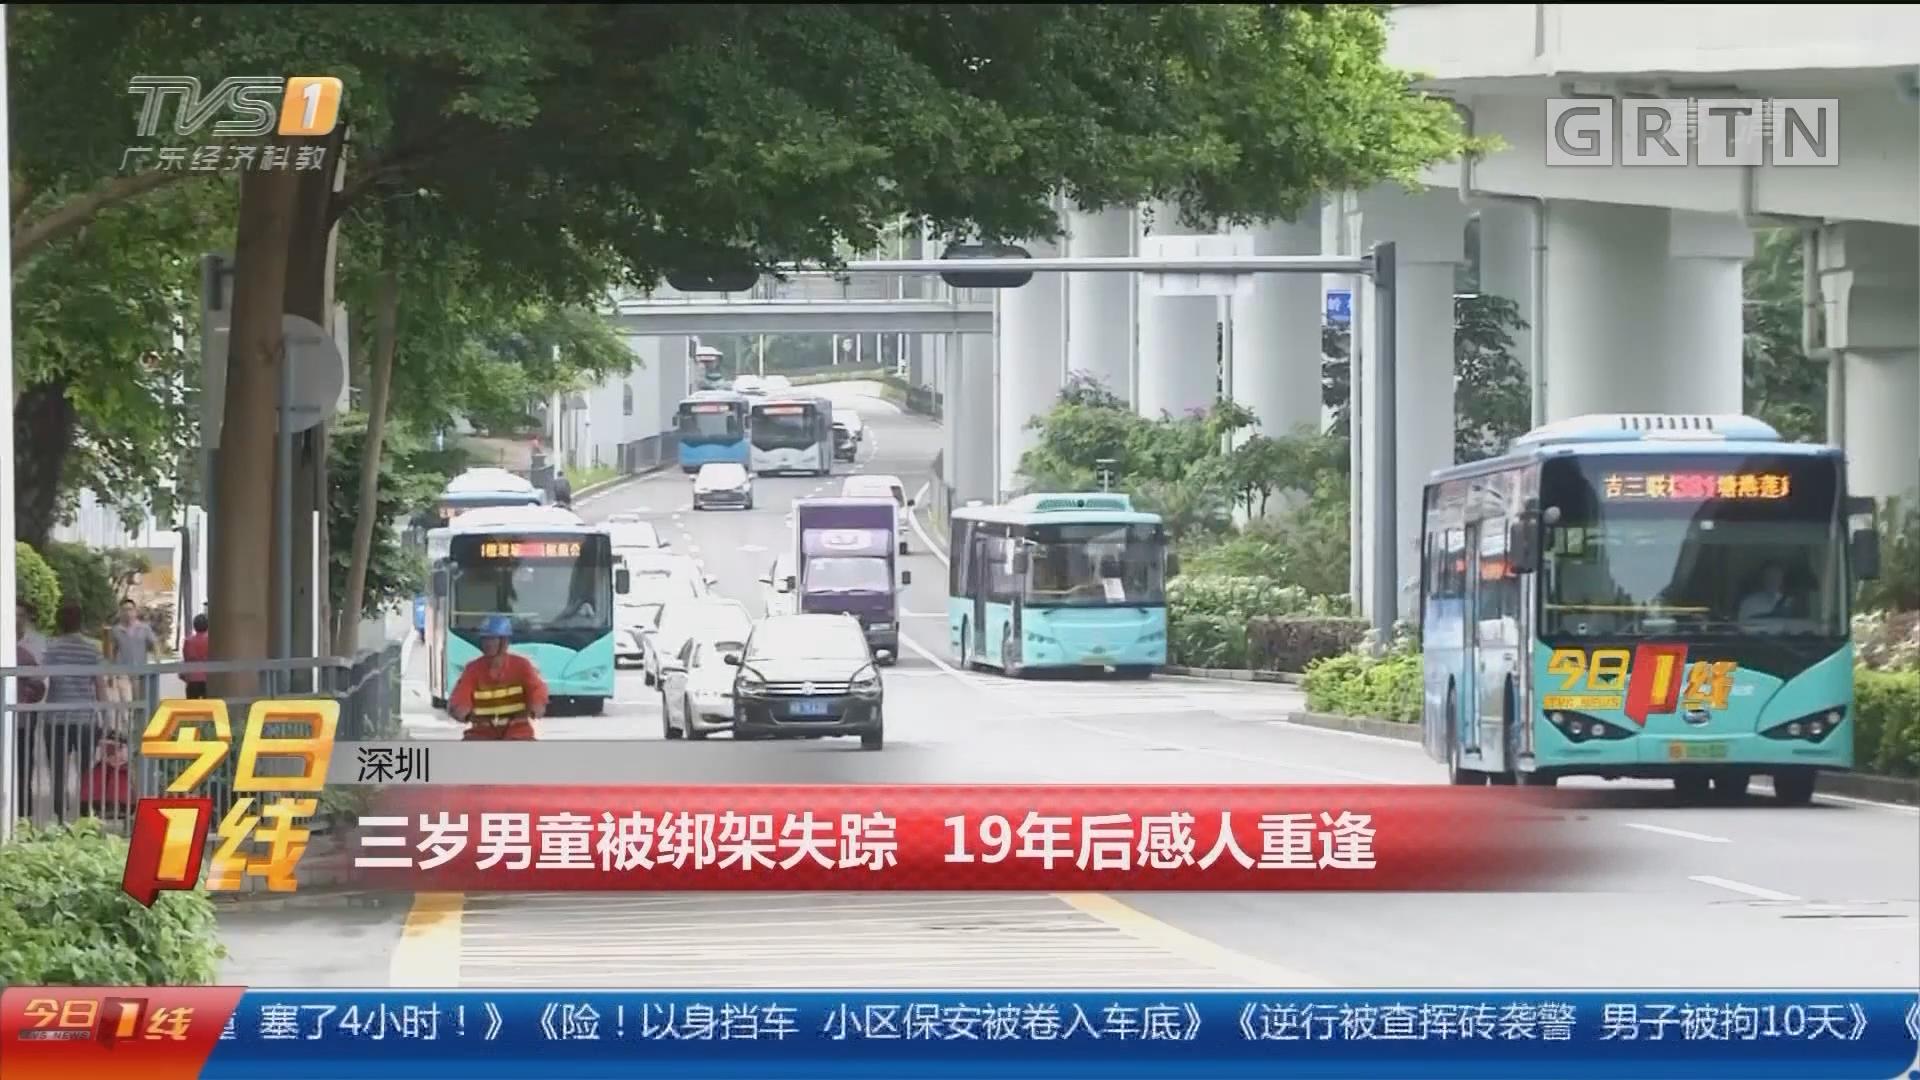 深圳:三岁男童被绑架失踪 19年后感人重逢